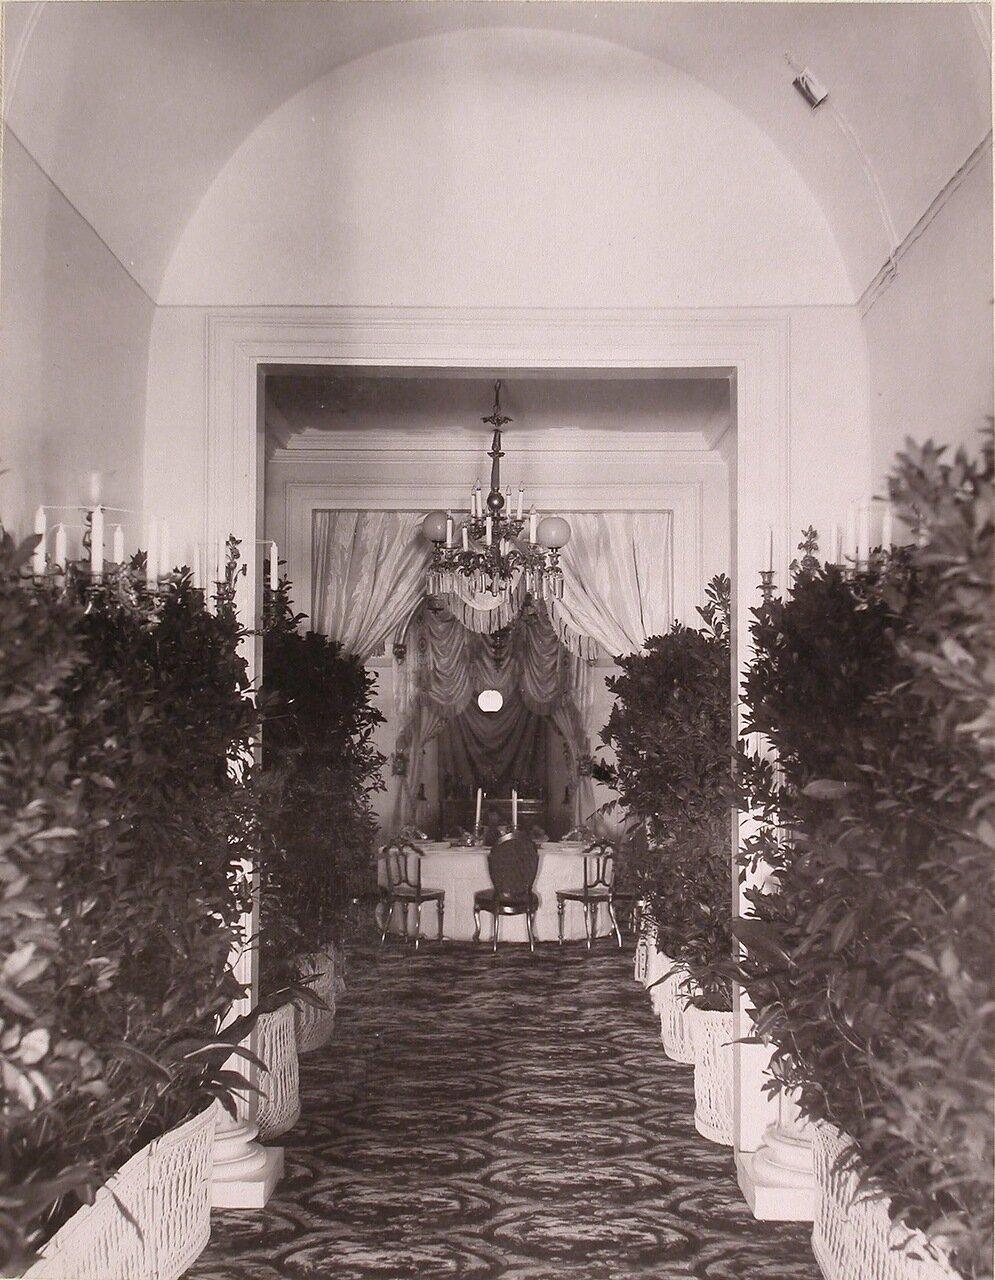 Вид накрытого к праздничному ужину стола в одном из помещений Благородного (Дворянского) собрания (в дни коронационных торжеств)